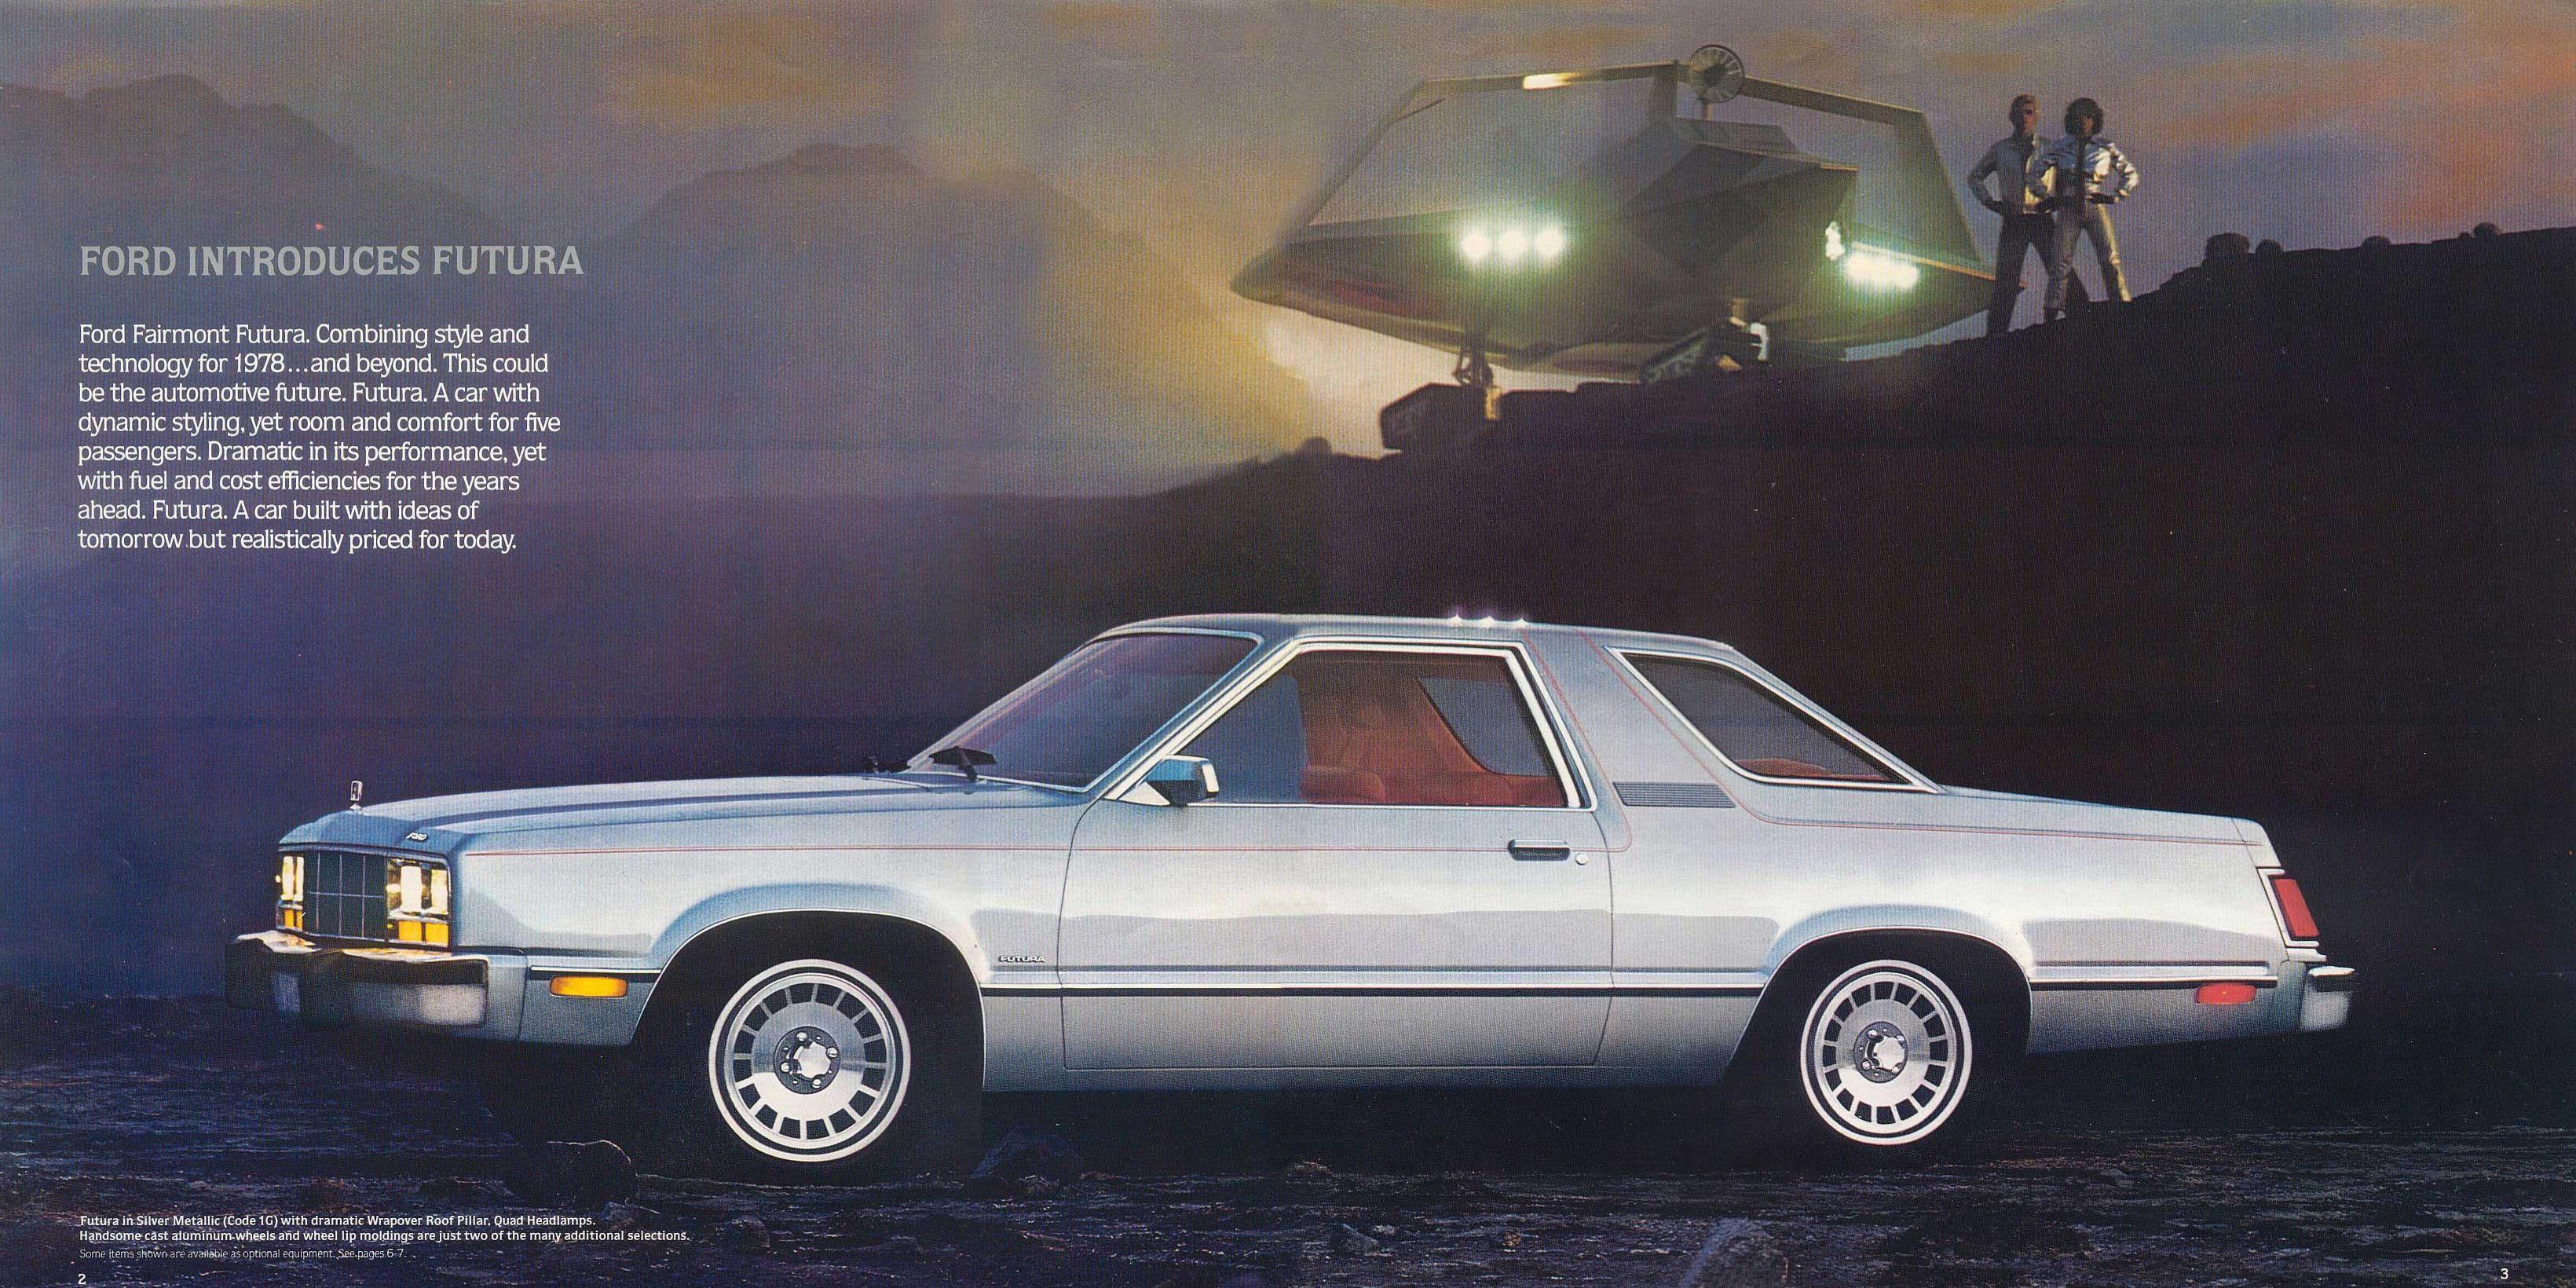 les plus belles photos de la Ford Fairmont Futura en version coupé et berline Ford_fairmont_futura_belle_photo_0007